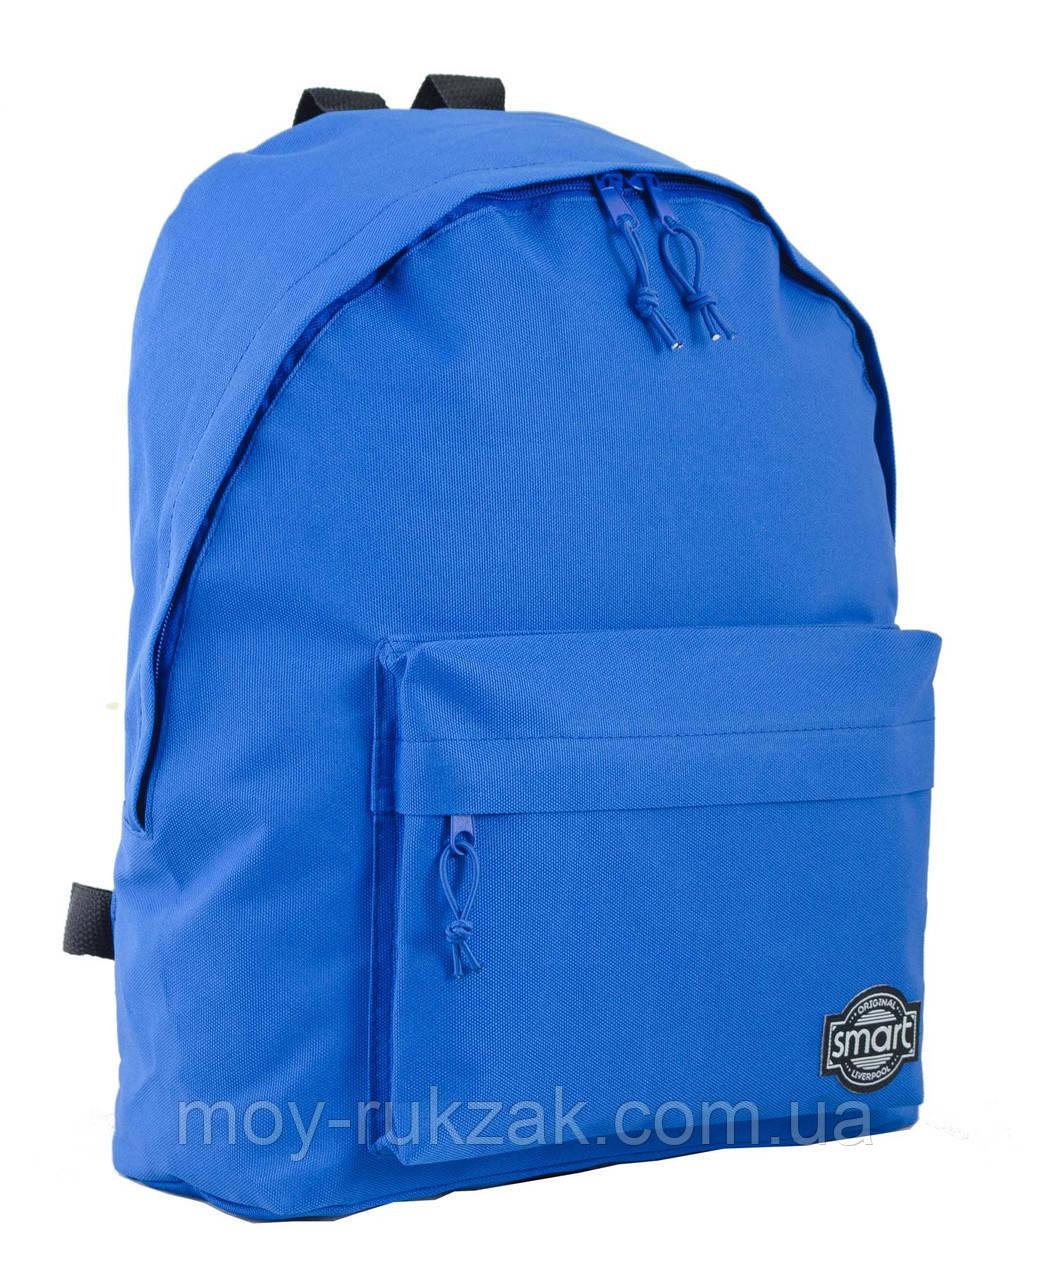 """Рюкзак молодежный """"Blue"""" 1 Вересня SP-15, 553492"""